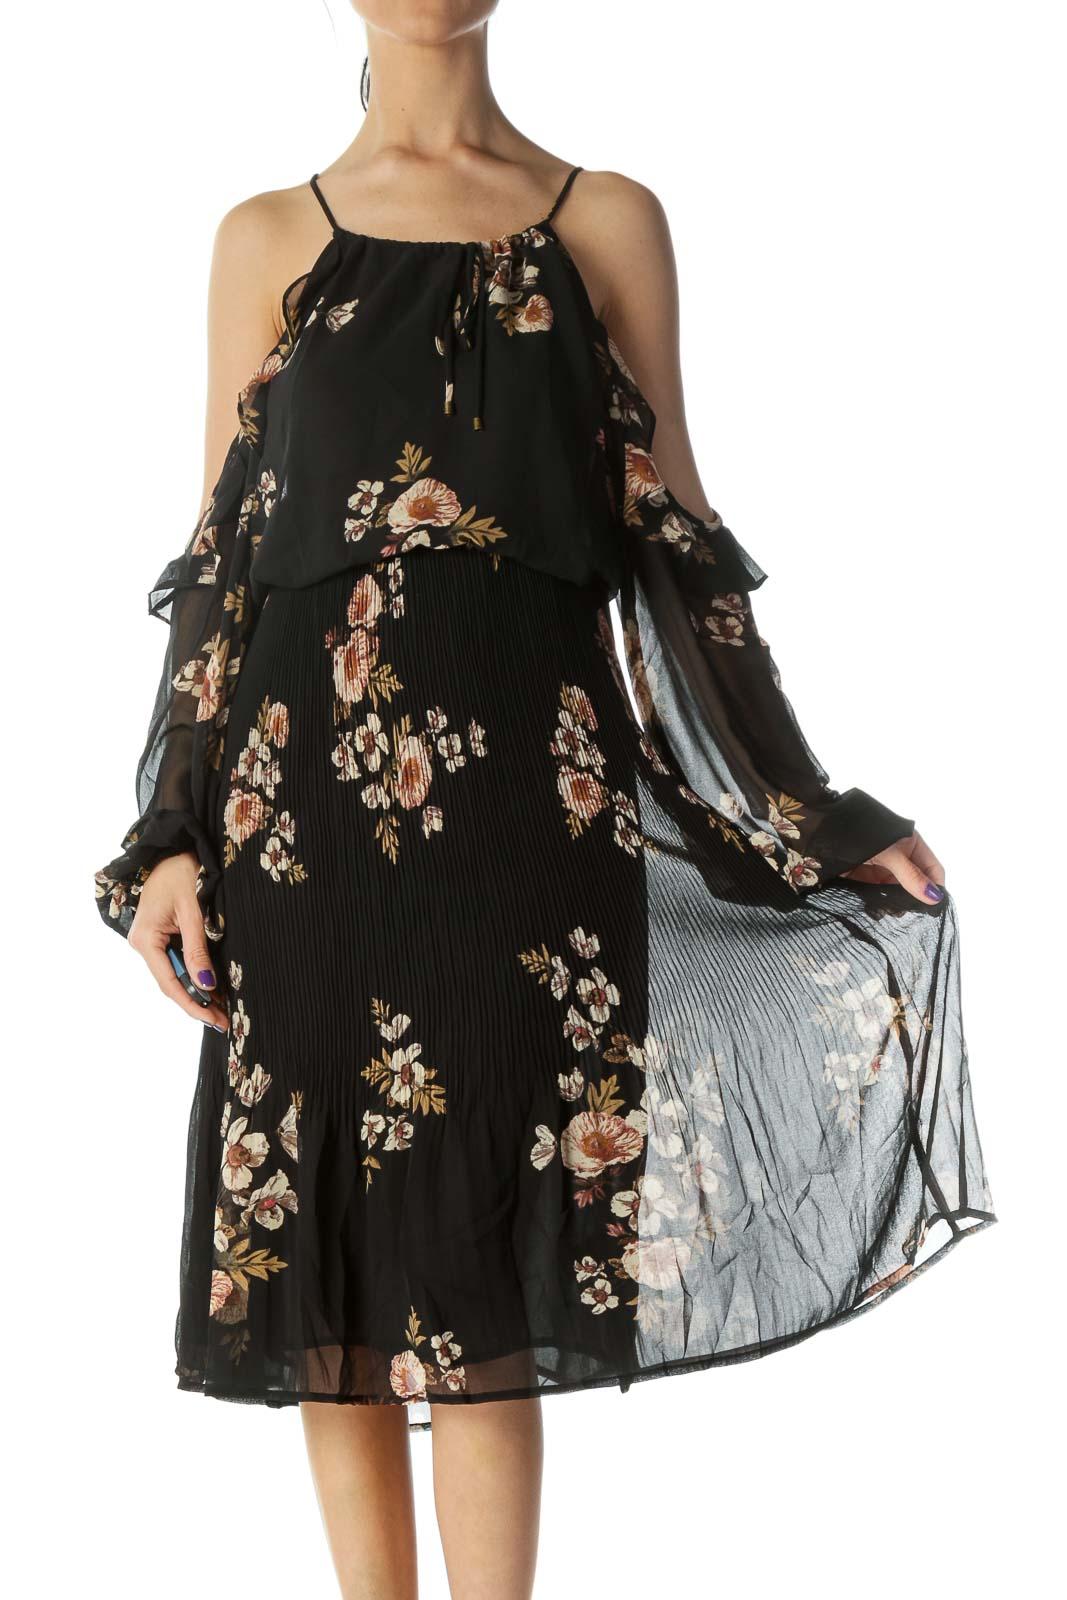 Black Floral Print Cold Shoulder Day Dress